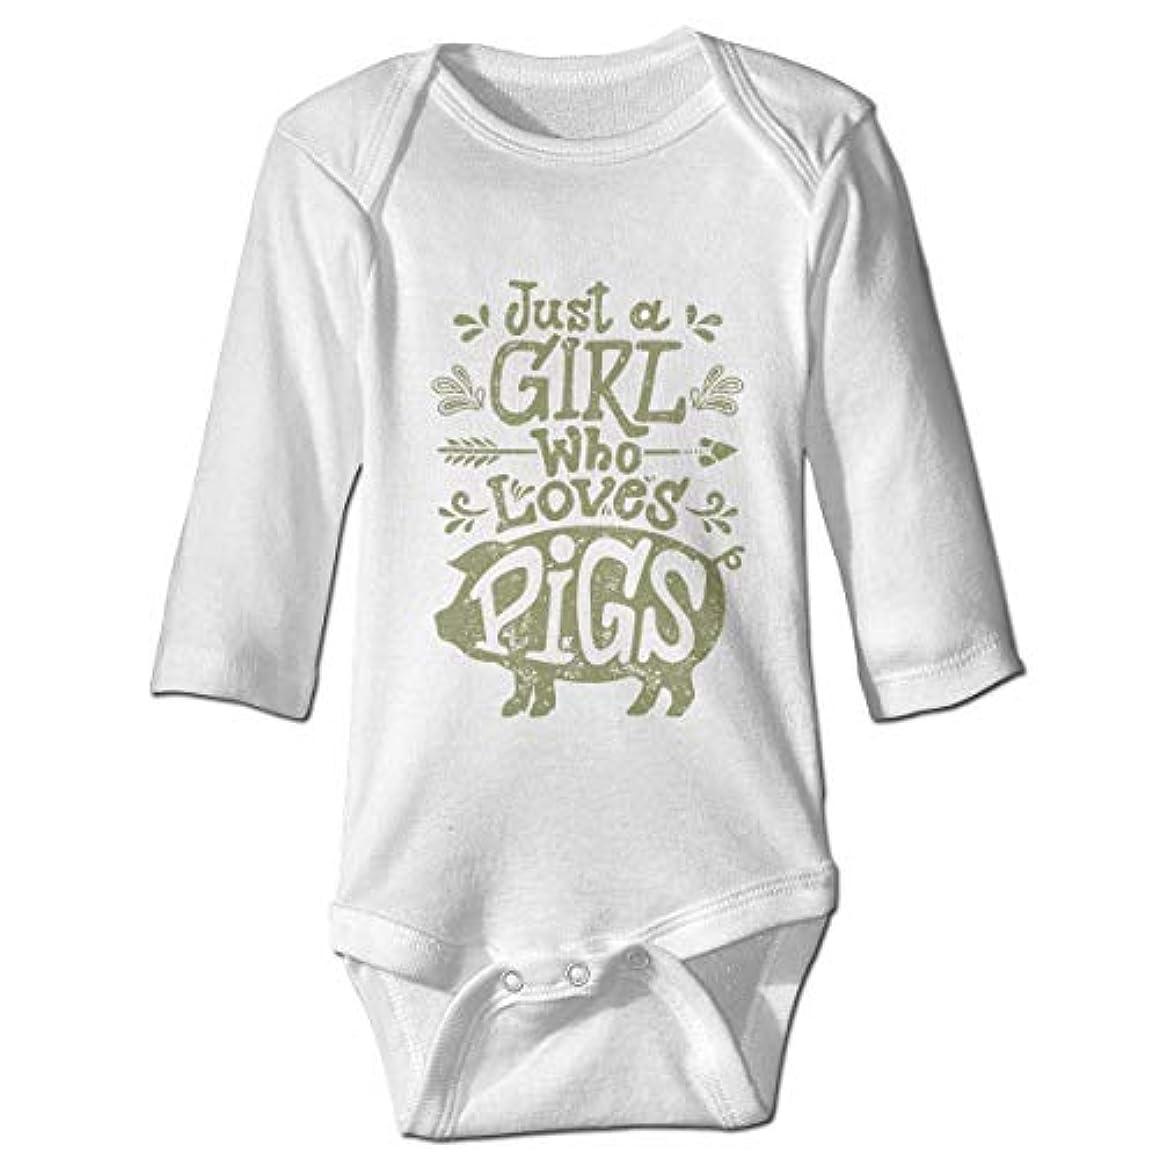 火炎エスカレーターカウントアップ女の子は豚の赤ちゃんのボディースーツかわいいOnesieコットン衣装コスチューム、18 Mが大好き